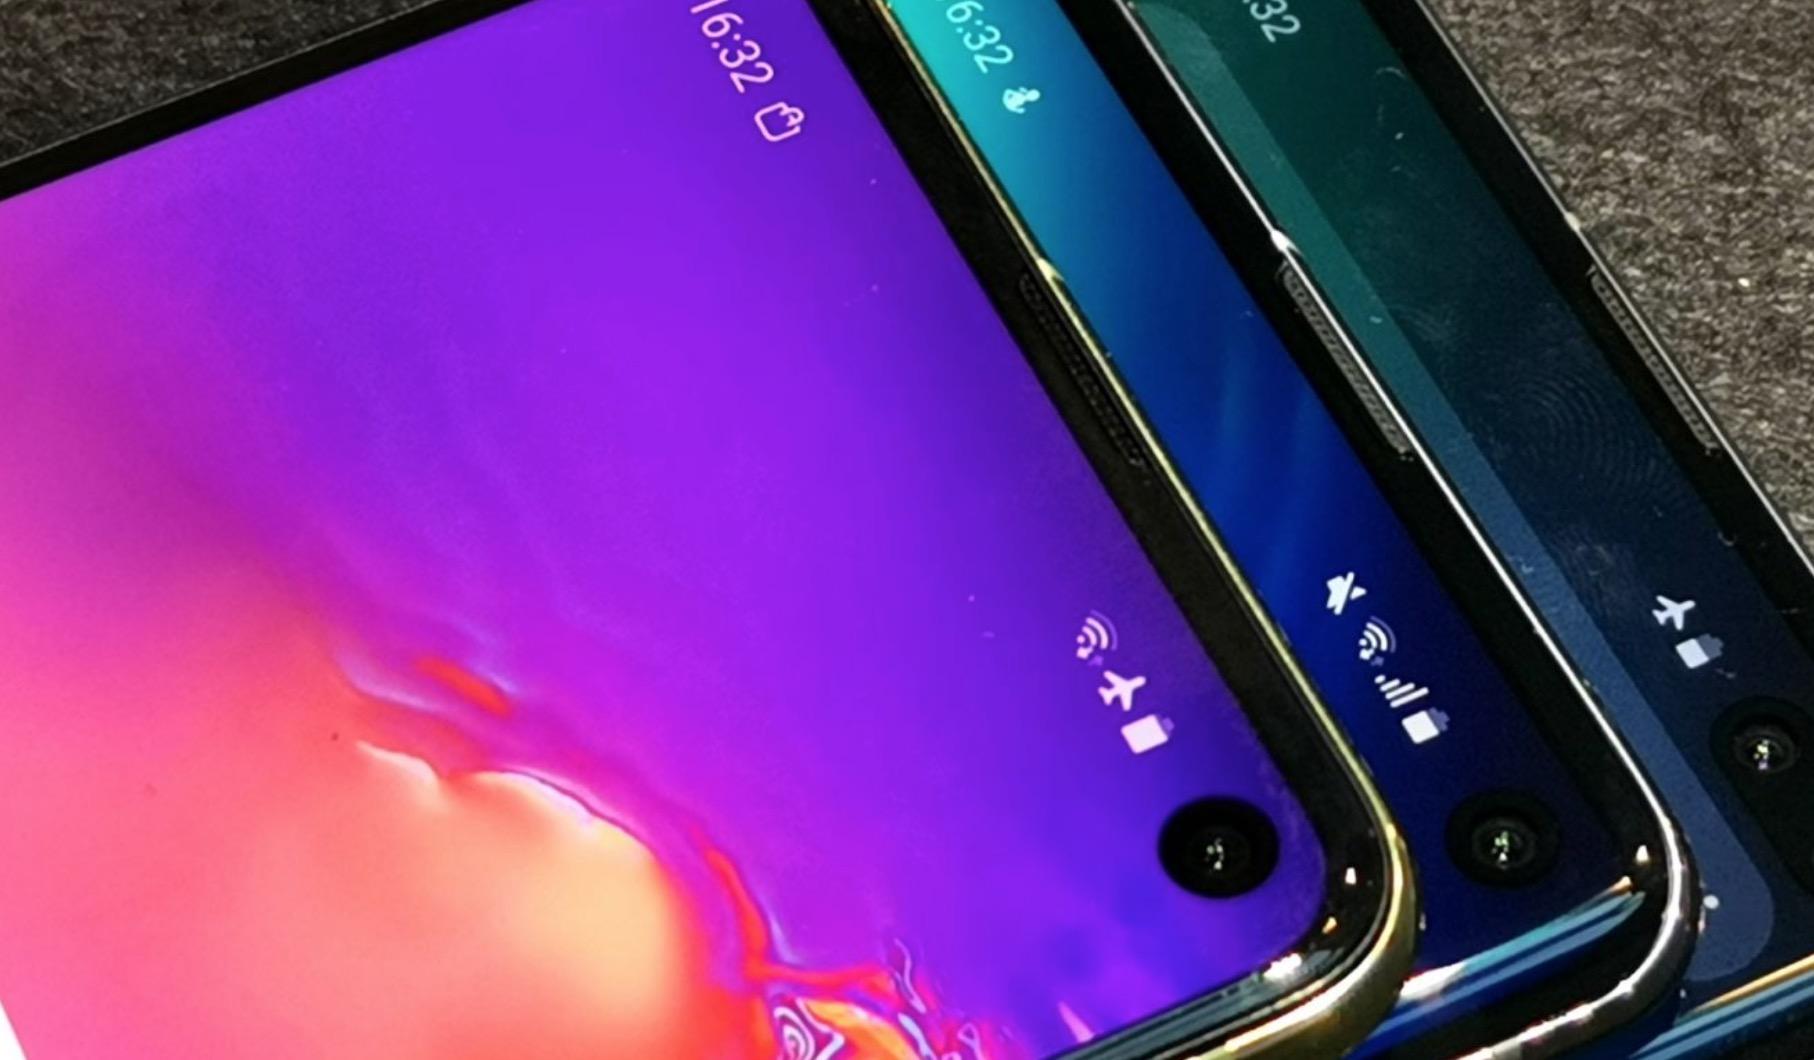 Il Samsung Galaxy S10 ha il display più accurato